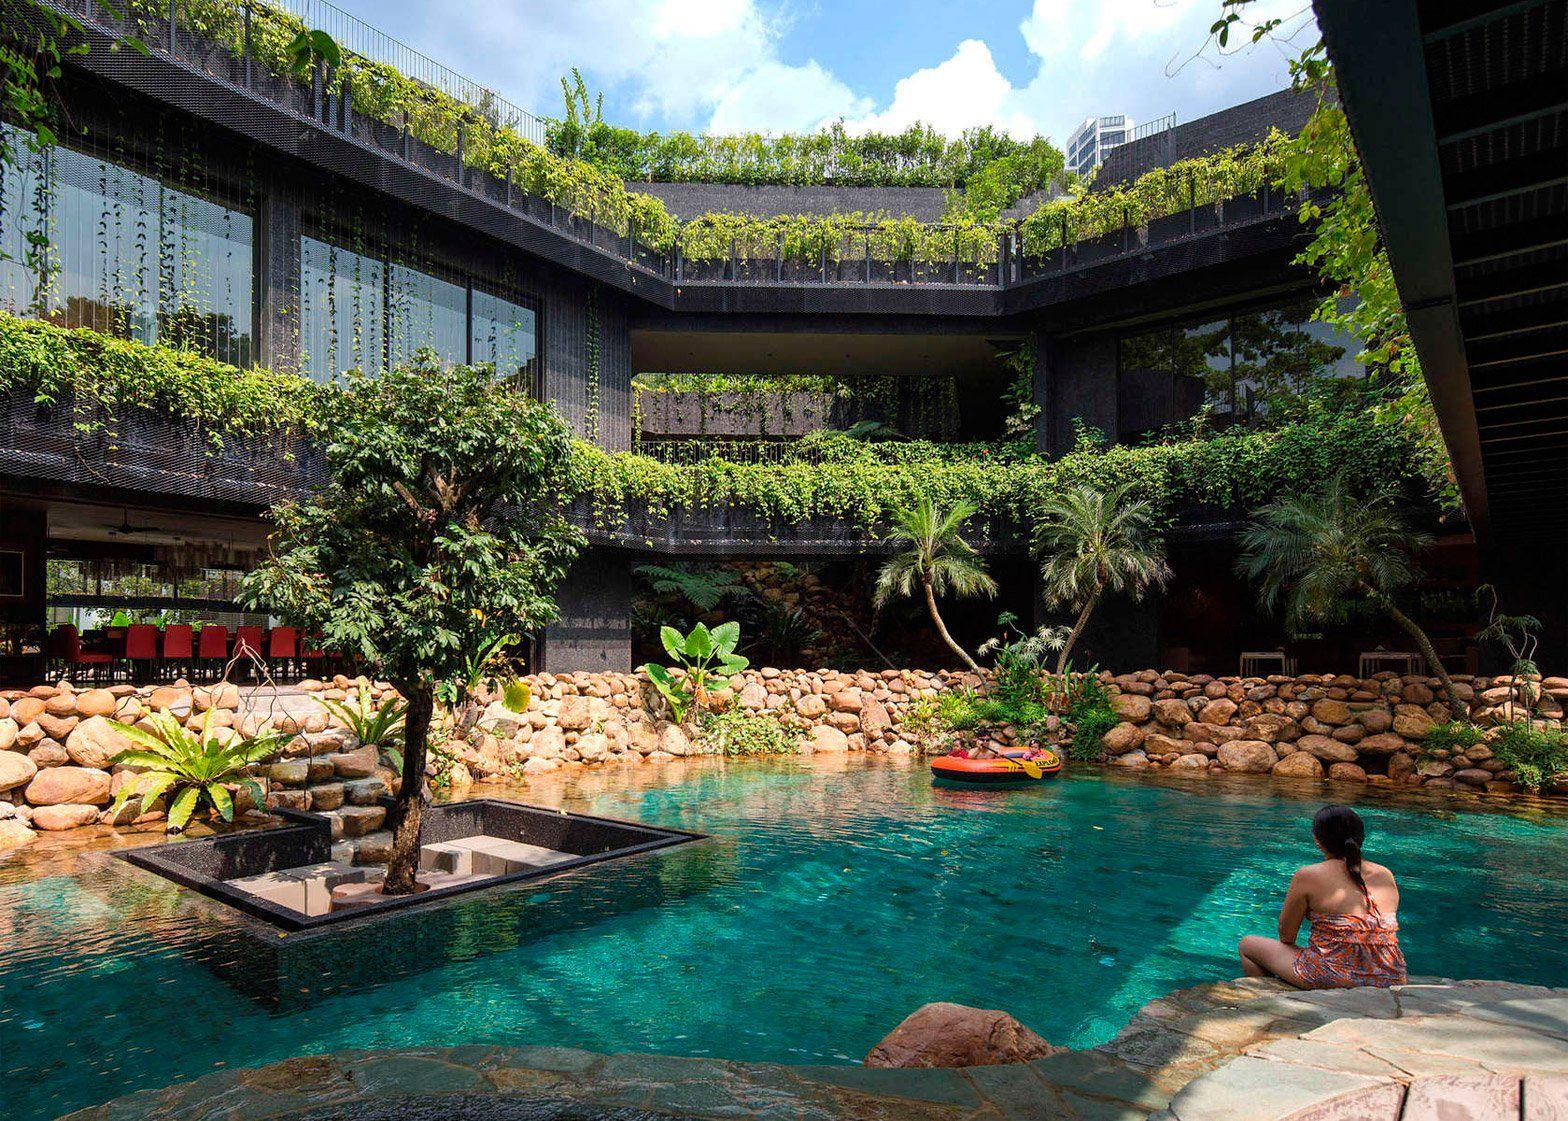 Cornwall Gardens Is A Huge Family Home With A Stepped Garden On Its Roof Telhado Verde Jardim De Telhado Casas Tropicais